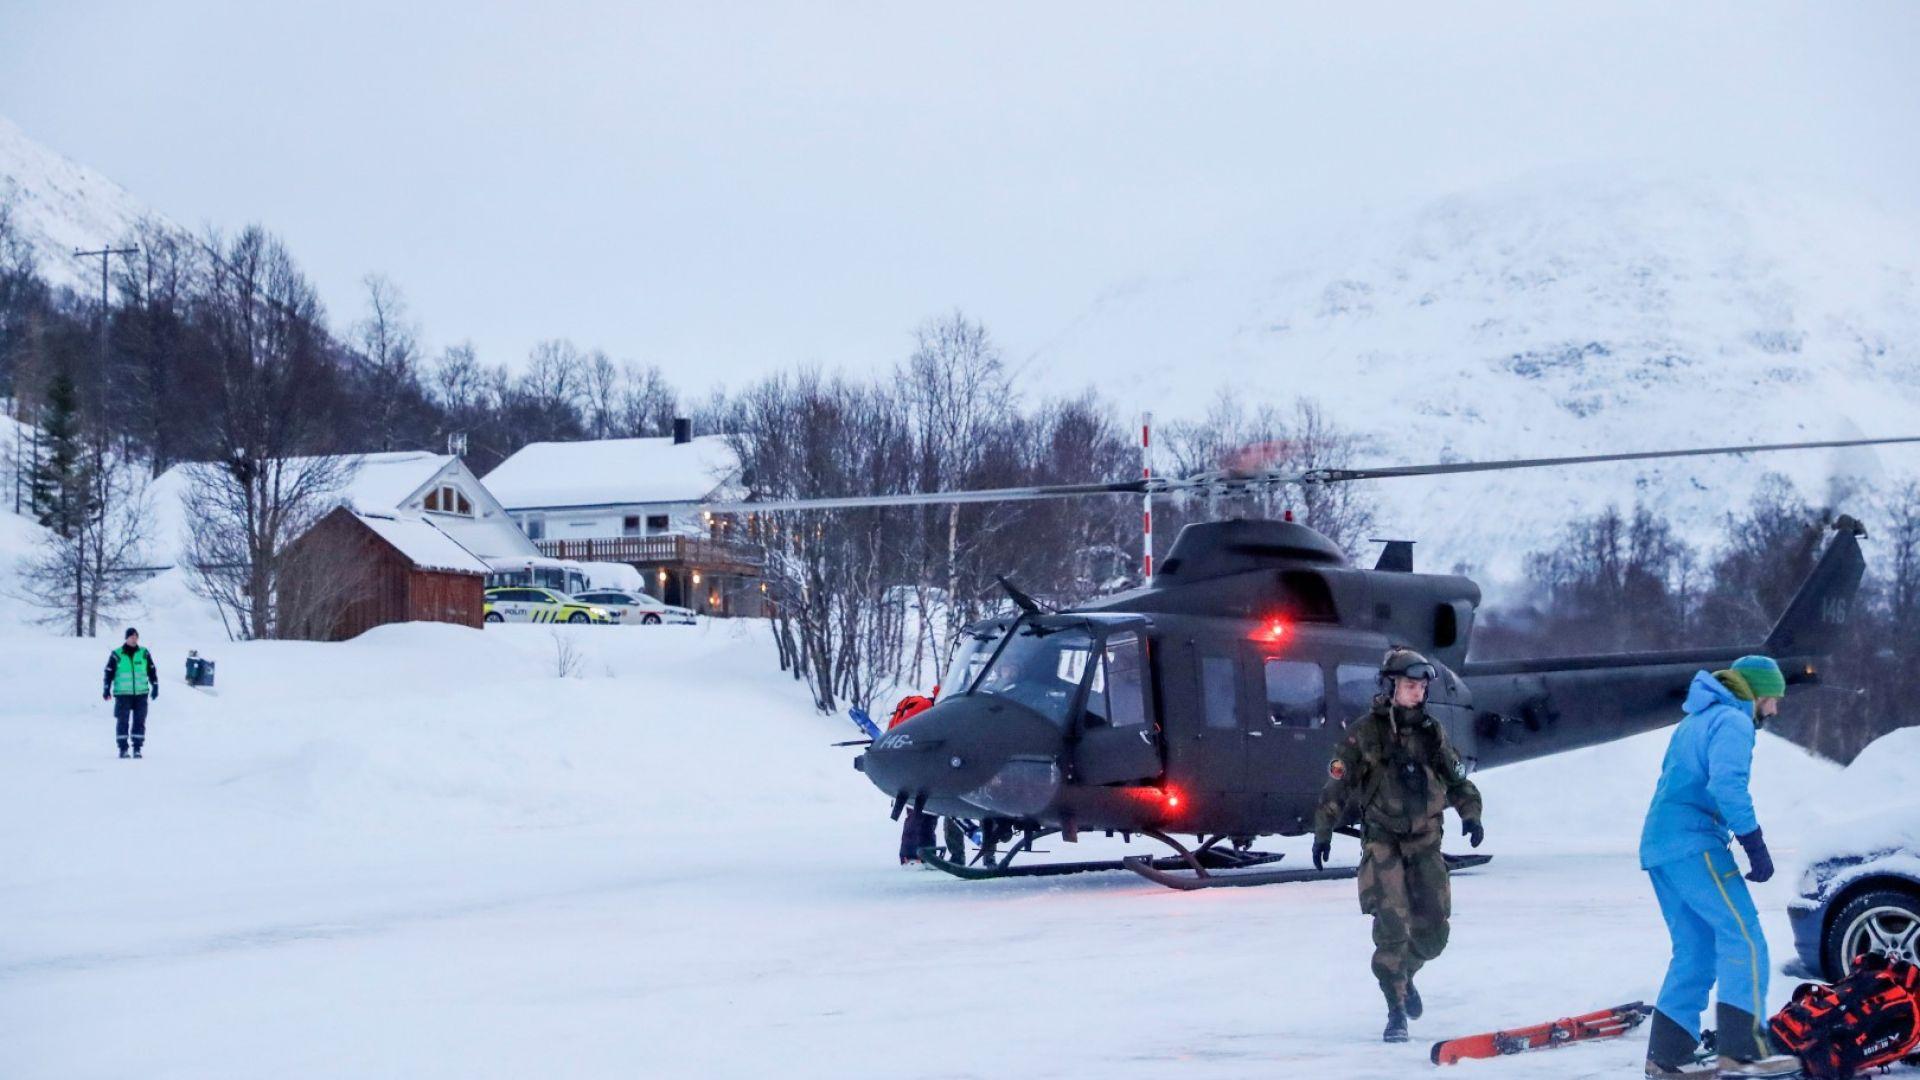 Прекратиха издирването на изчезналите скиори, опасност от нови лавини в Европа